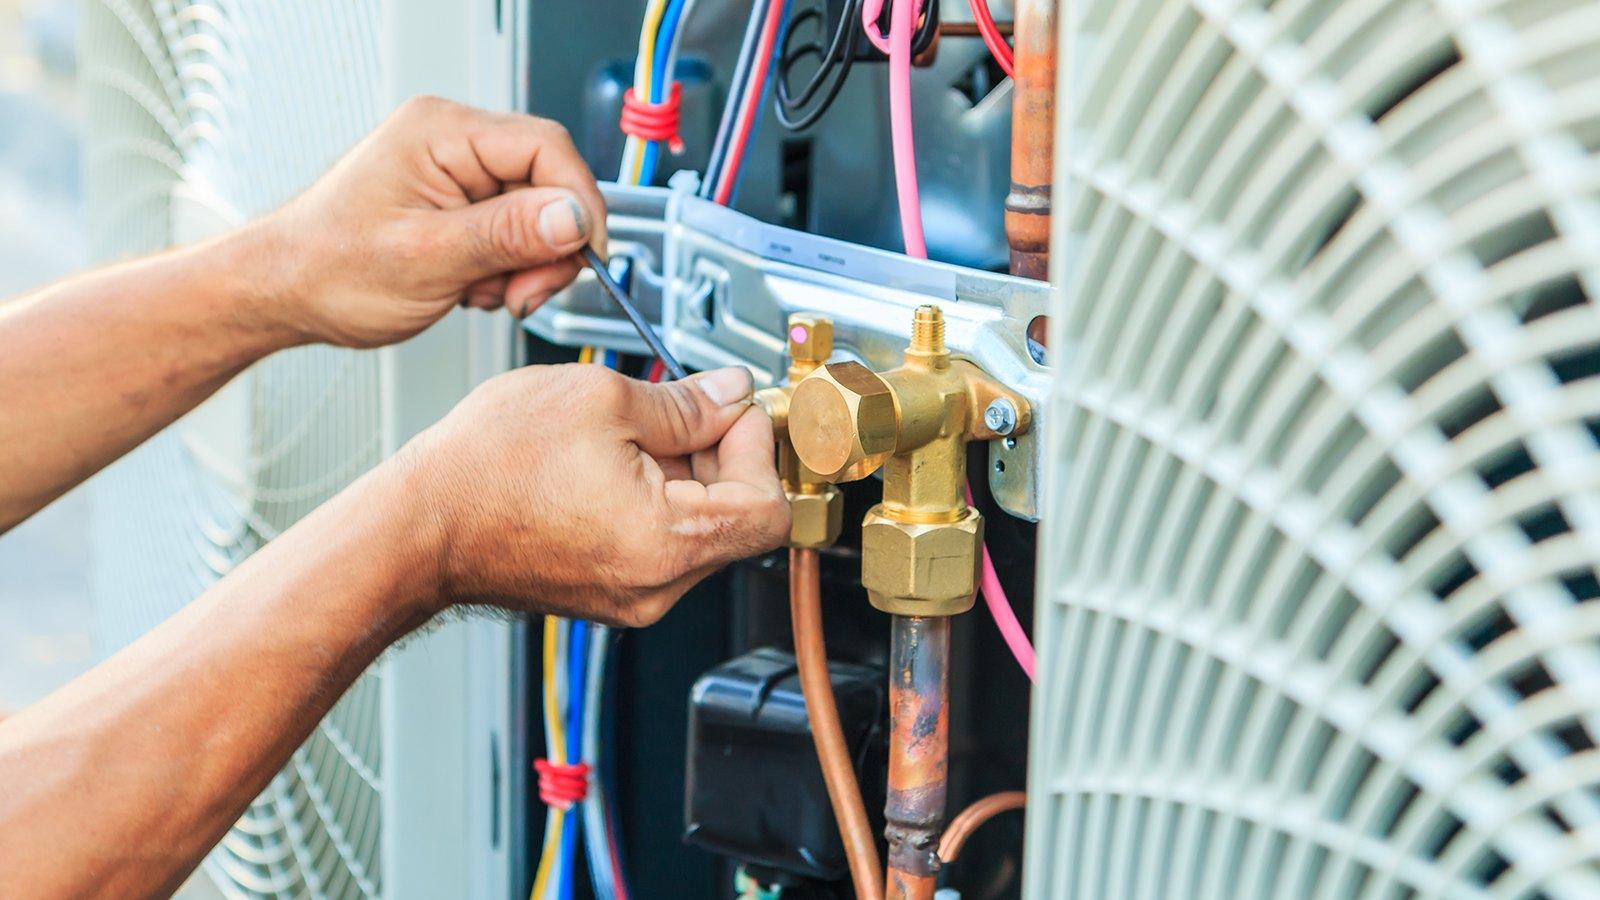 due mani con una chiave a brugola che avvitano un bullone vicino a una valvola dorata con dei tubi arancioni e dei fili elettrici a vista